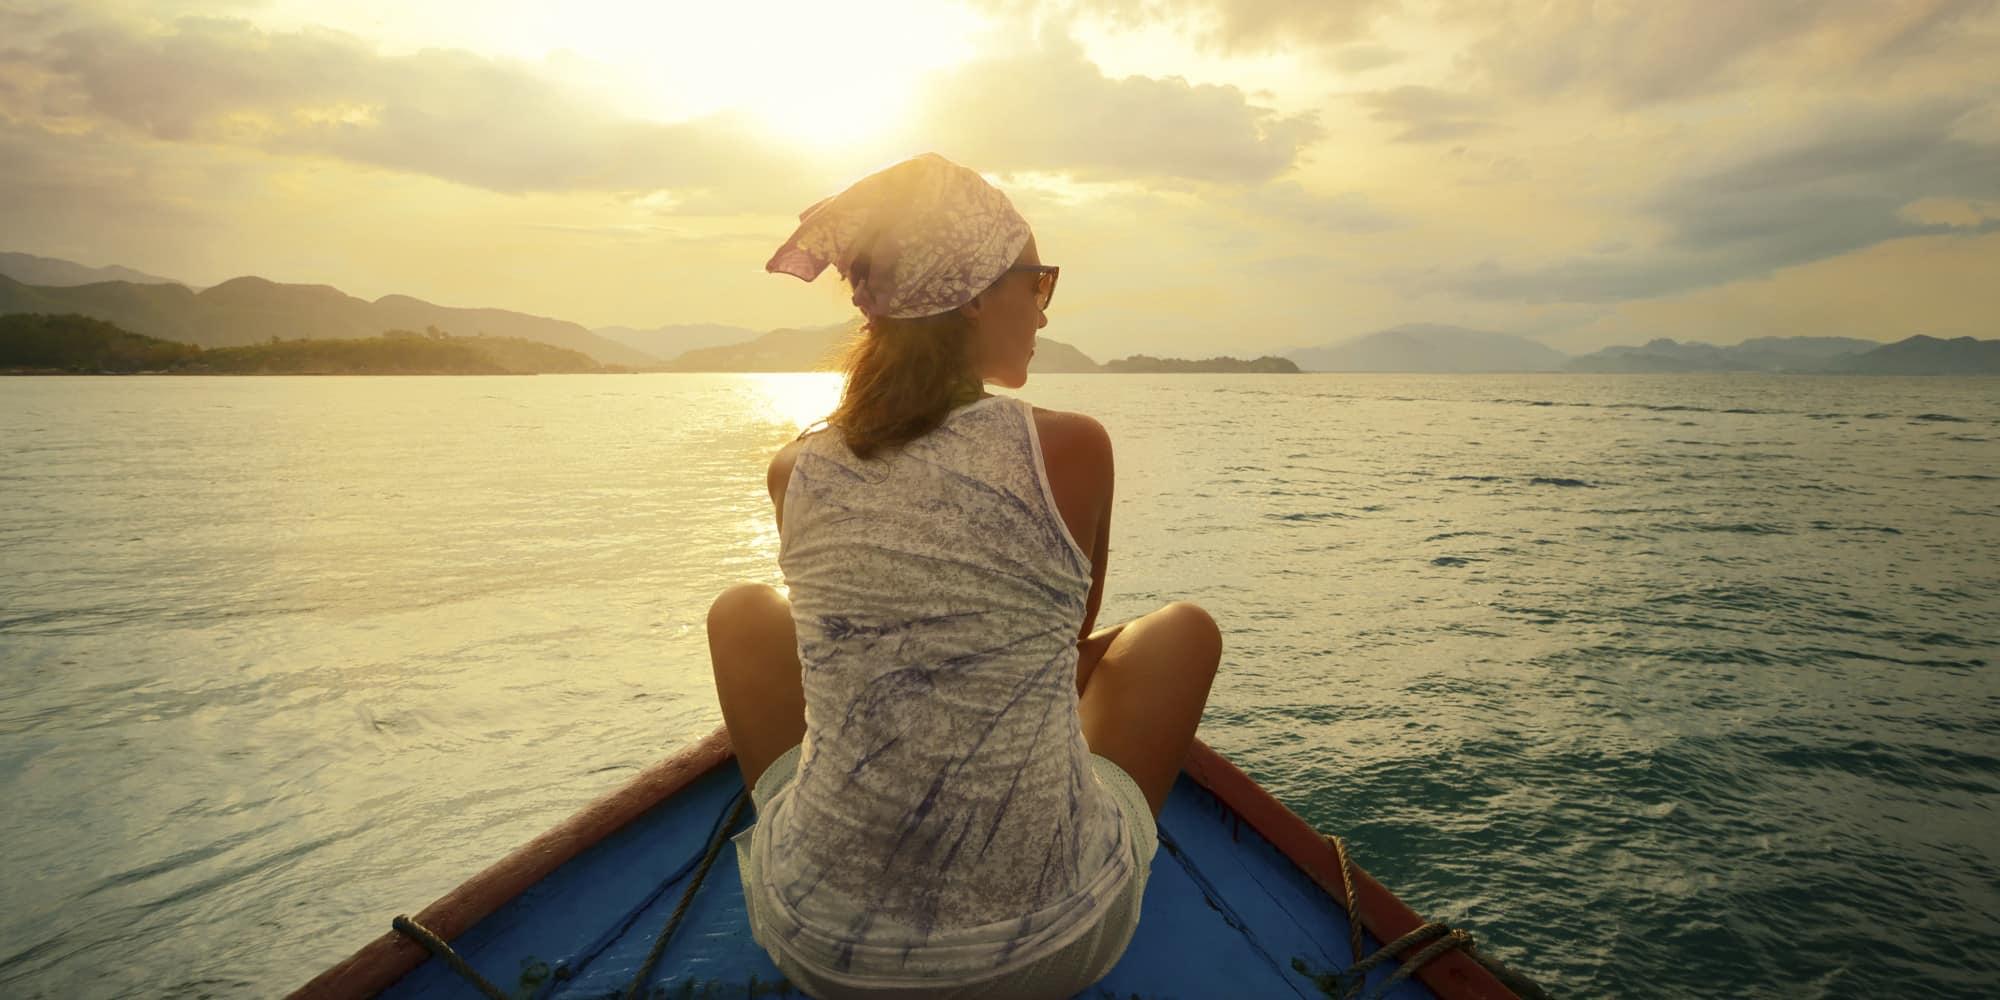 solitaire-voyage-3-costa-rica-decouverte